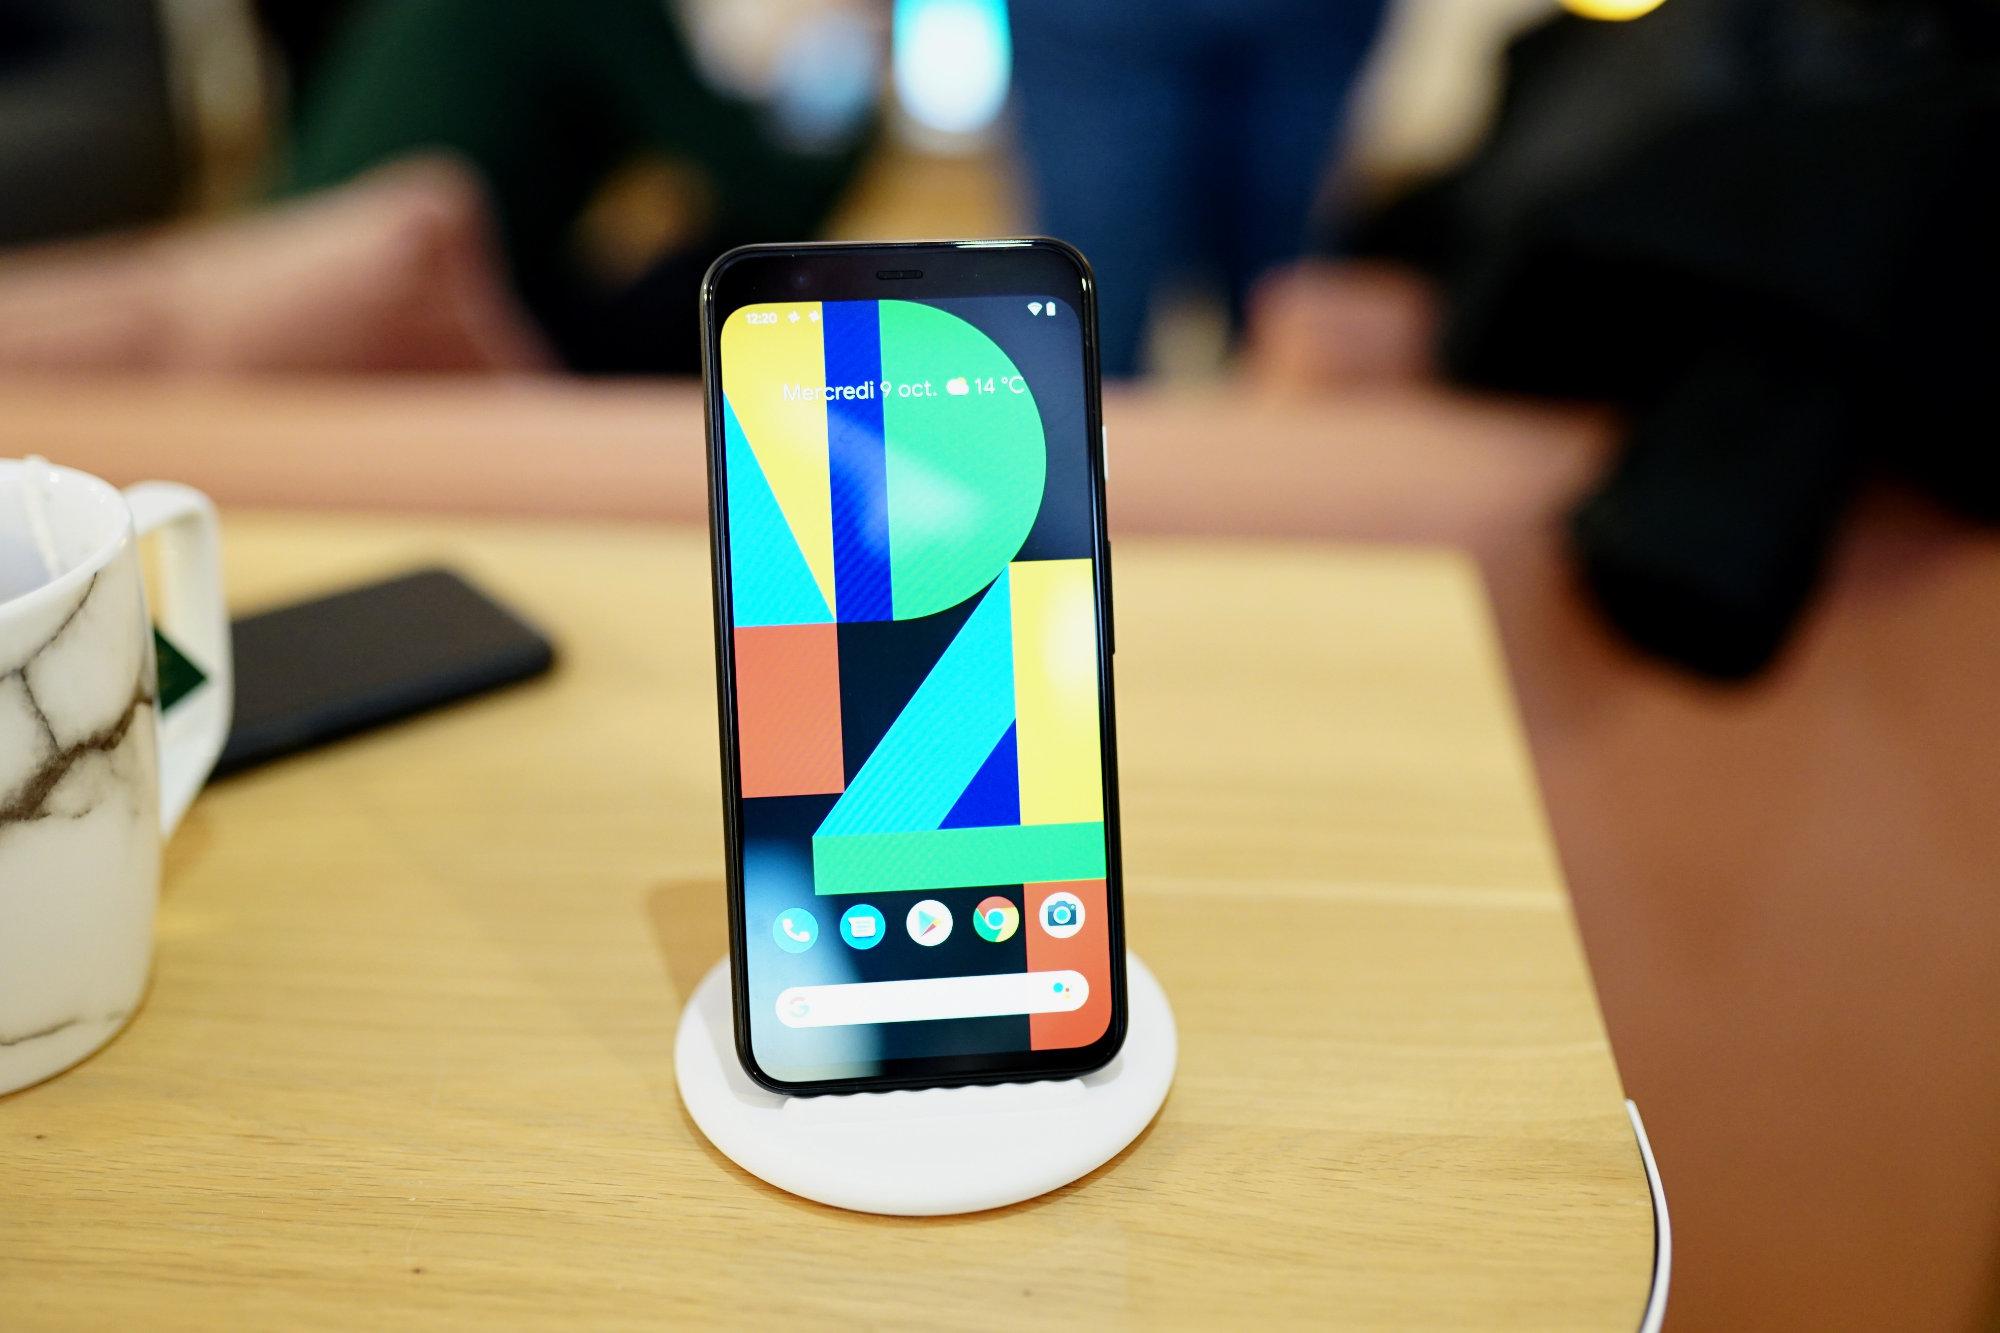 Pixel 4 : Google assume une faille de sécurité dans sa reconnaissance faciale